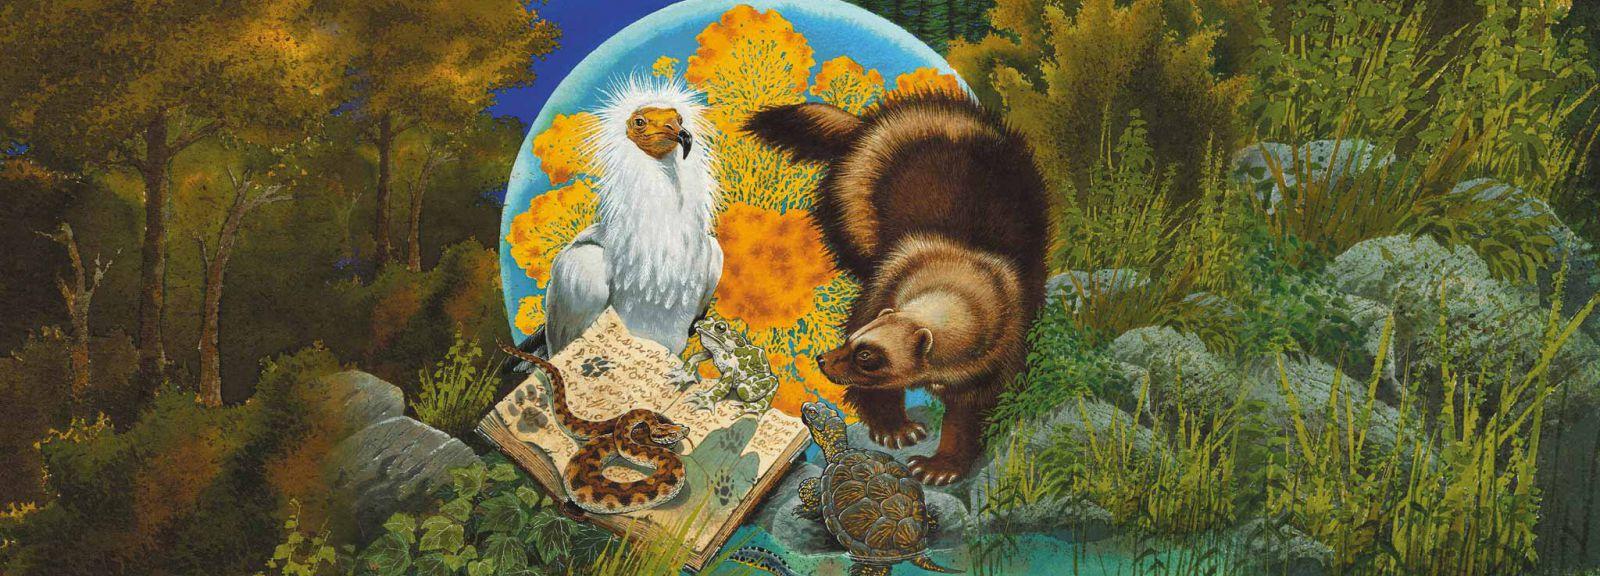 Rendez-vous sauvage Automne - En quête d'espèces fascinantes © L. Verron